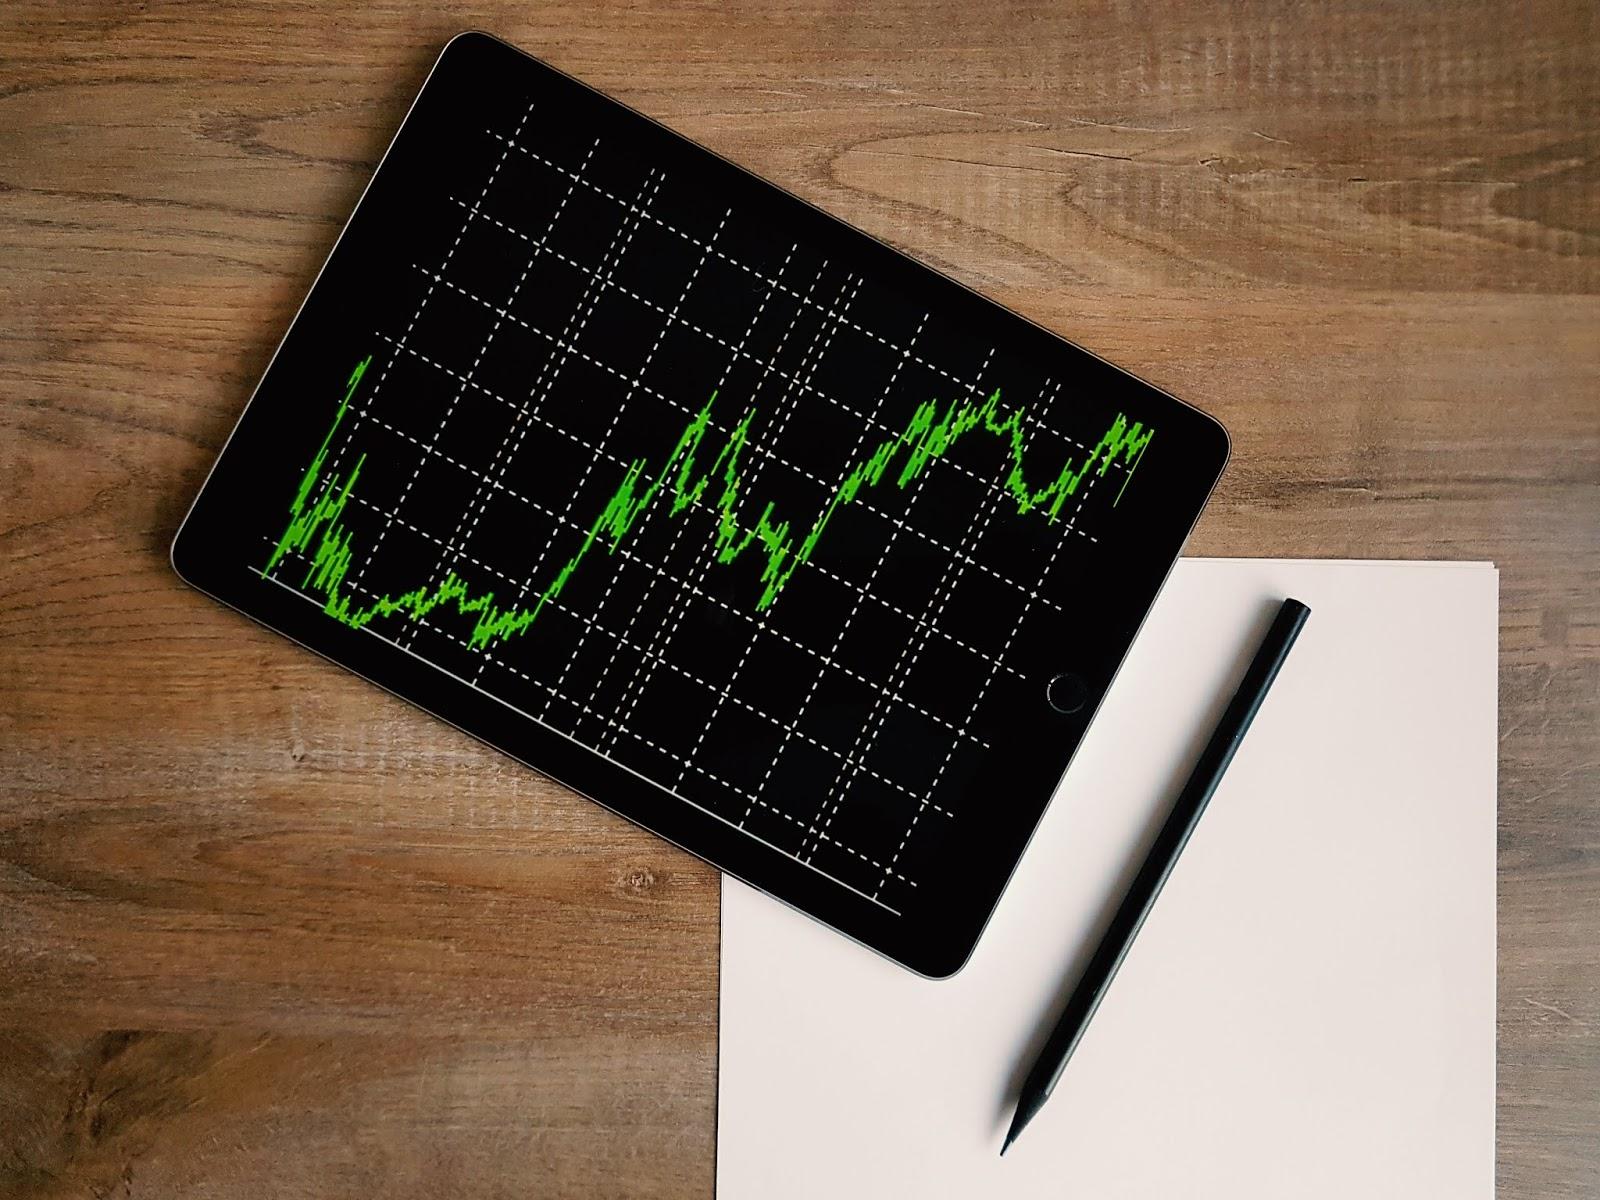 Аналитика основных валютных форекс пар на 21 мая